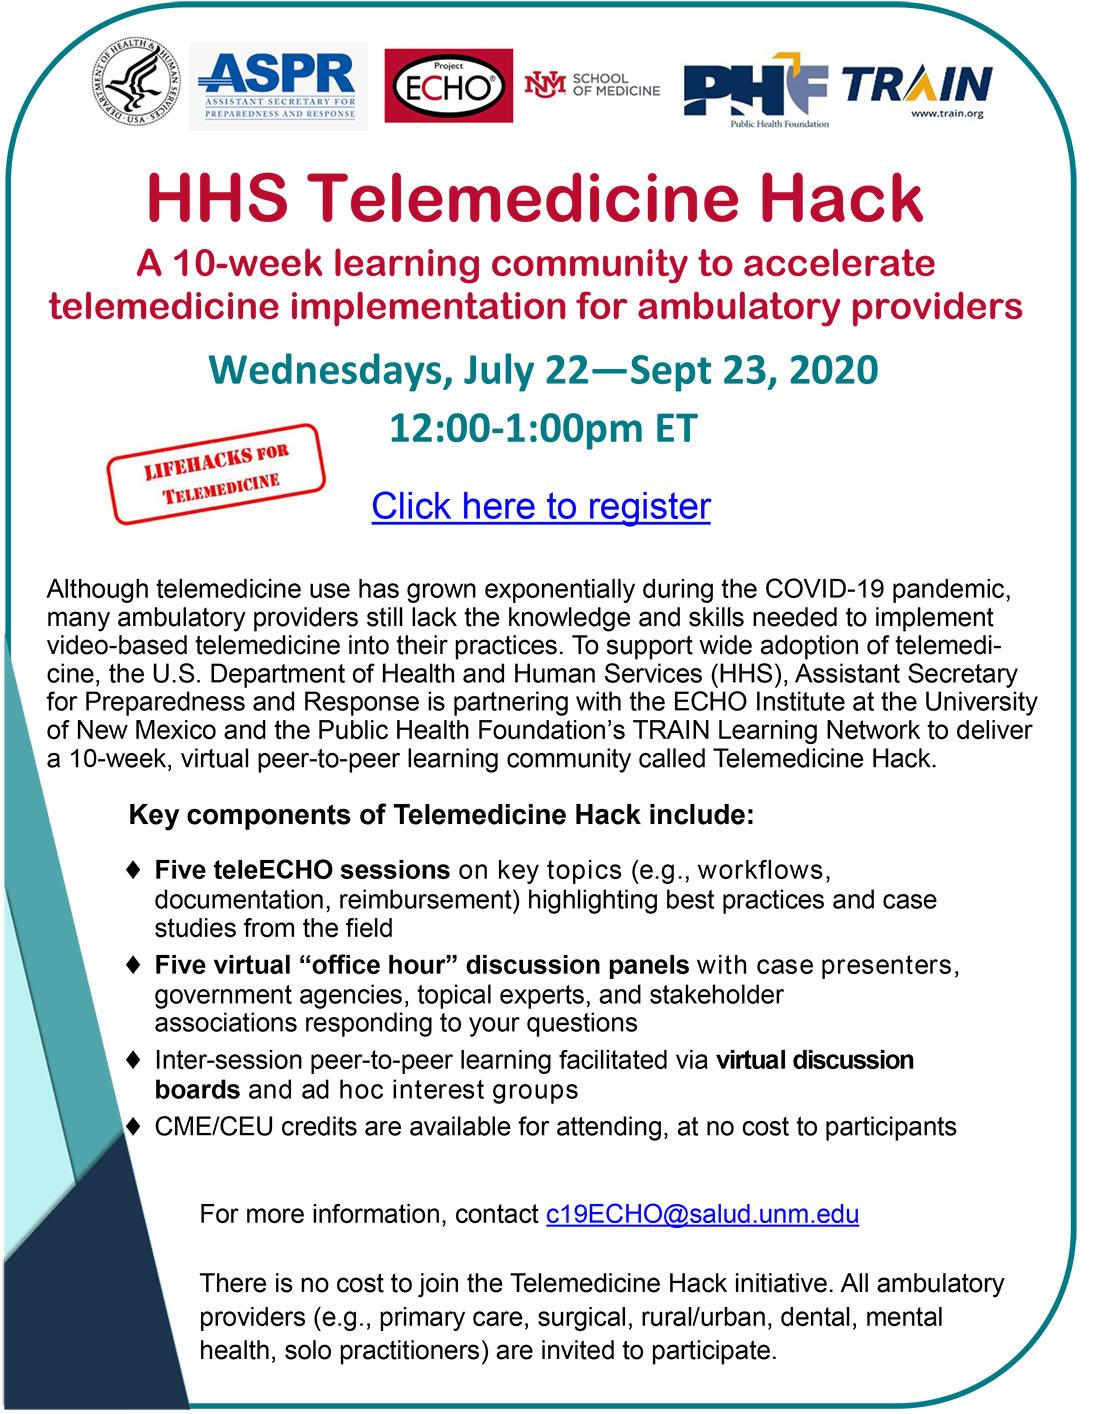 HHS-Telemedicine-Hack-Flyer_FINAL-1